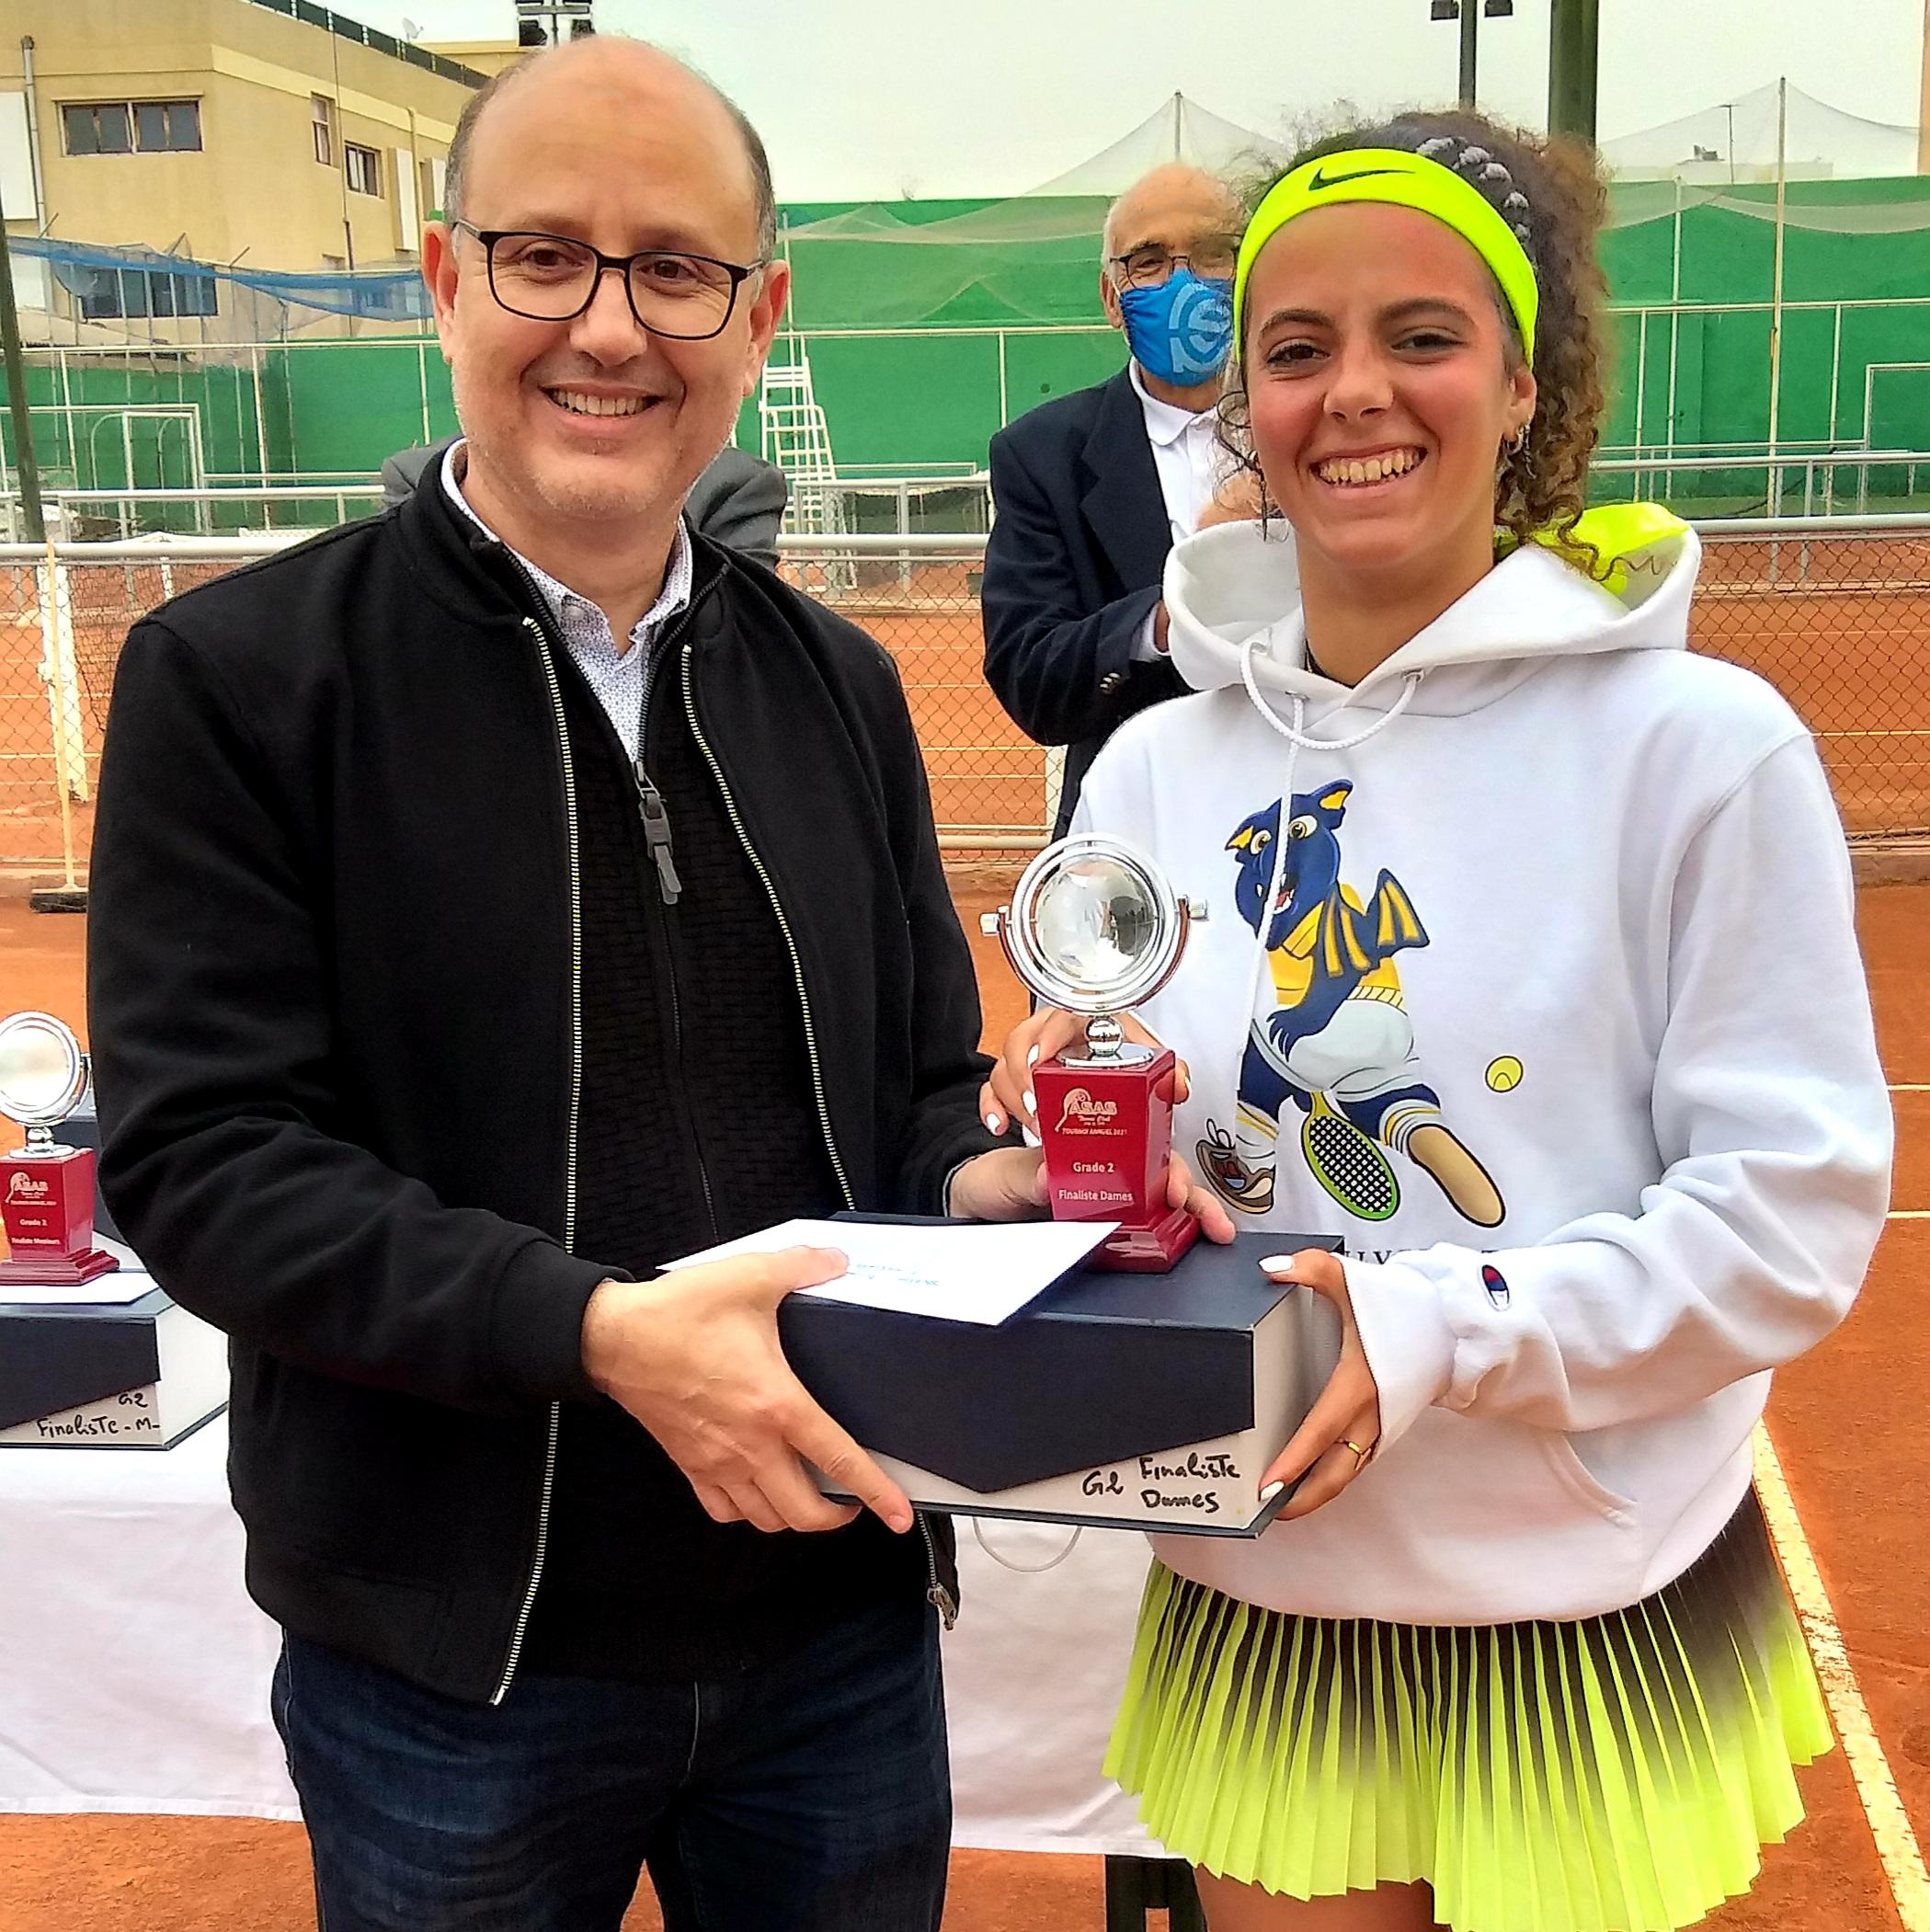 1-Le président Hamadou avec la vainqueur Rita Atik.